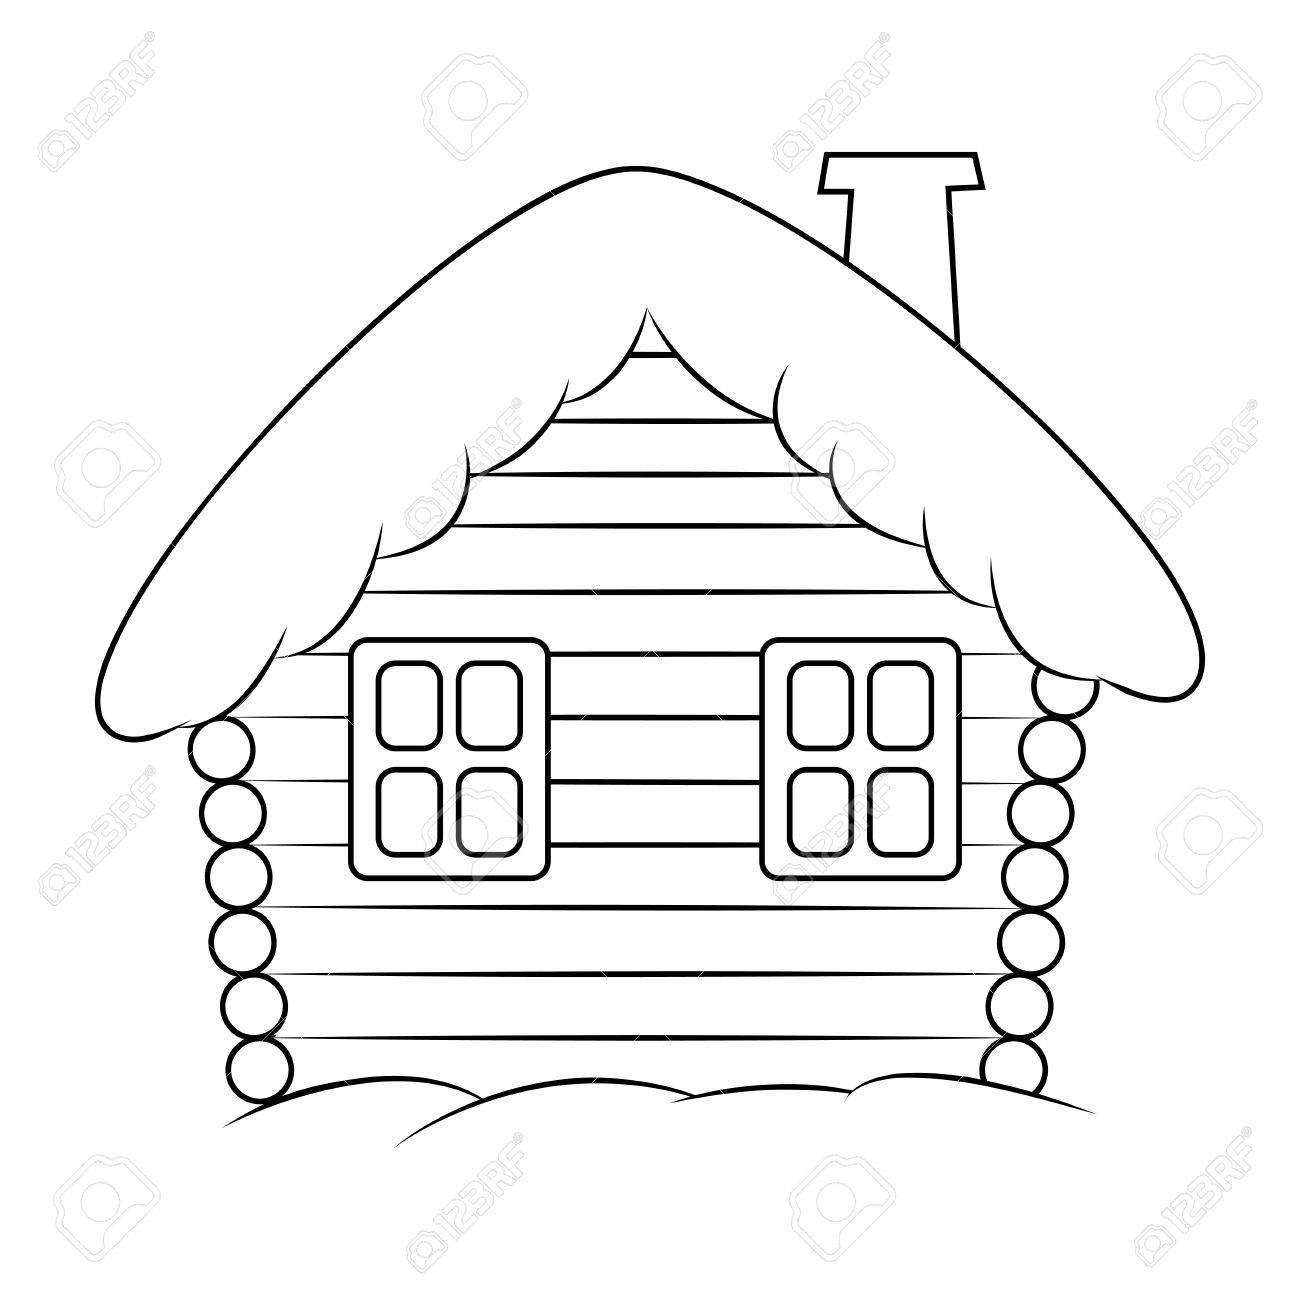 Banque dimages maison avec la silhouette de dessin animé de neige illustration hiver neigeux de noël à la maison chalet isolé sur fond blanc